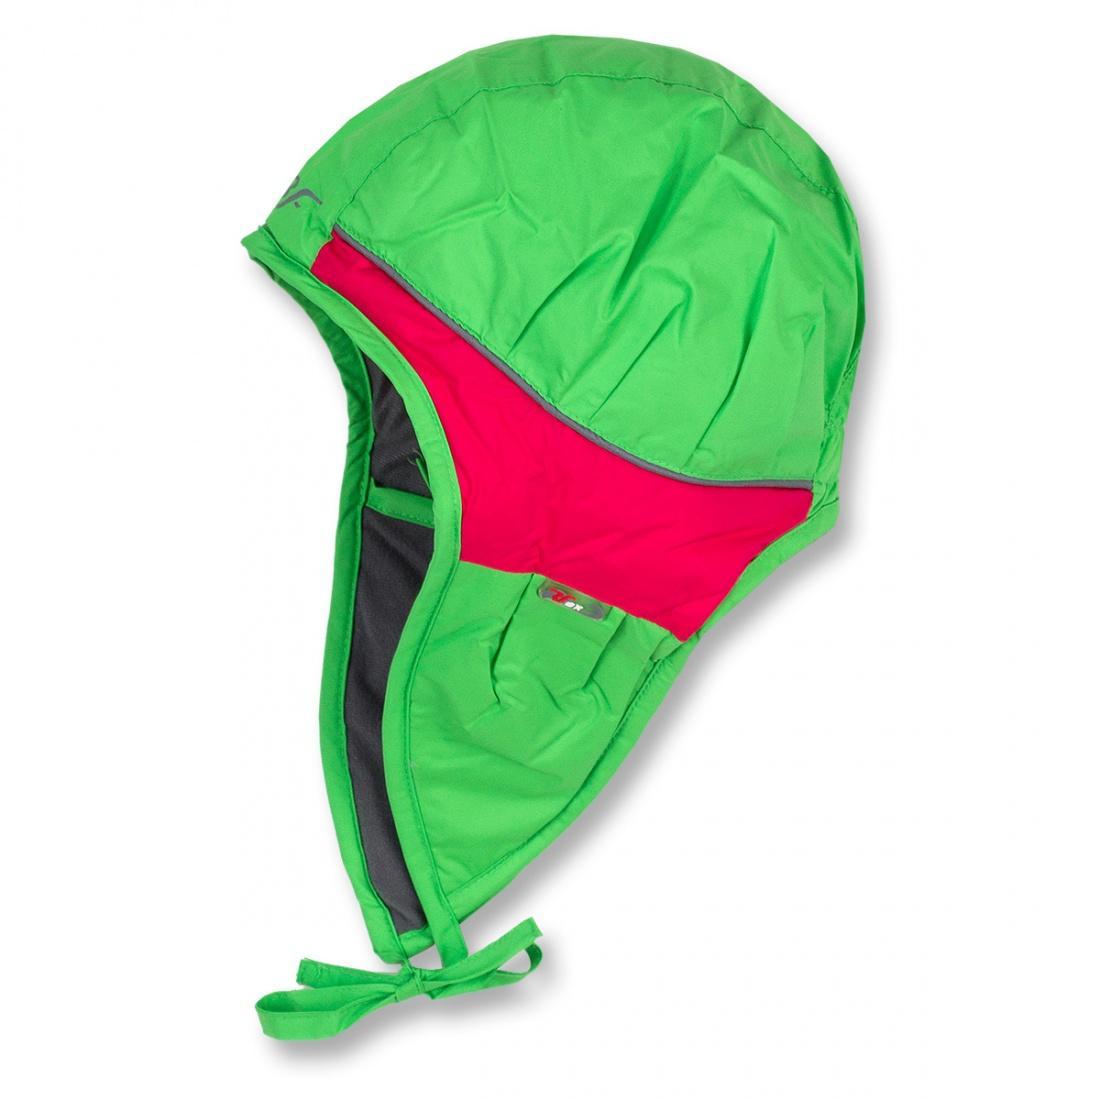 Шапка детская TressУшанки<br><br> Яркая контрастная шапочка прекрасно выделяет ребенка из толпы.<br><br> <br><br><br><br> Основной материал – Dry Factor 1000.<br><br> <br><br><br> Утеплитель – Omniterm Classic.<br><br> <br><br><br> Для детей от 1 до...<br><br>Цвет: Розовый<br>Размер: XL